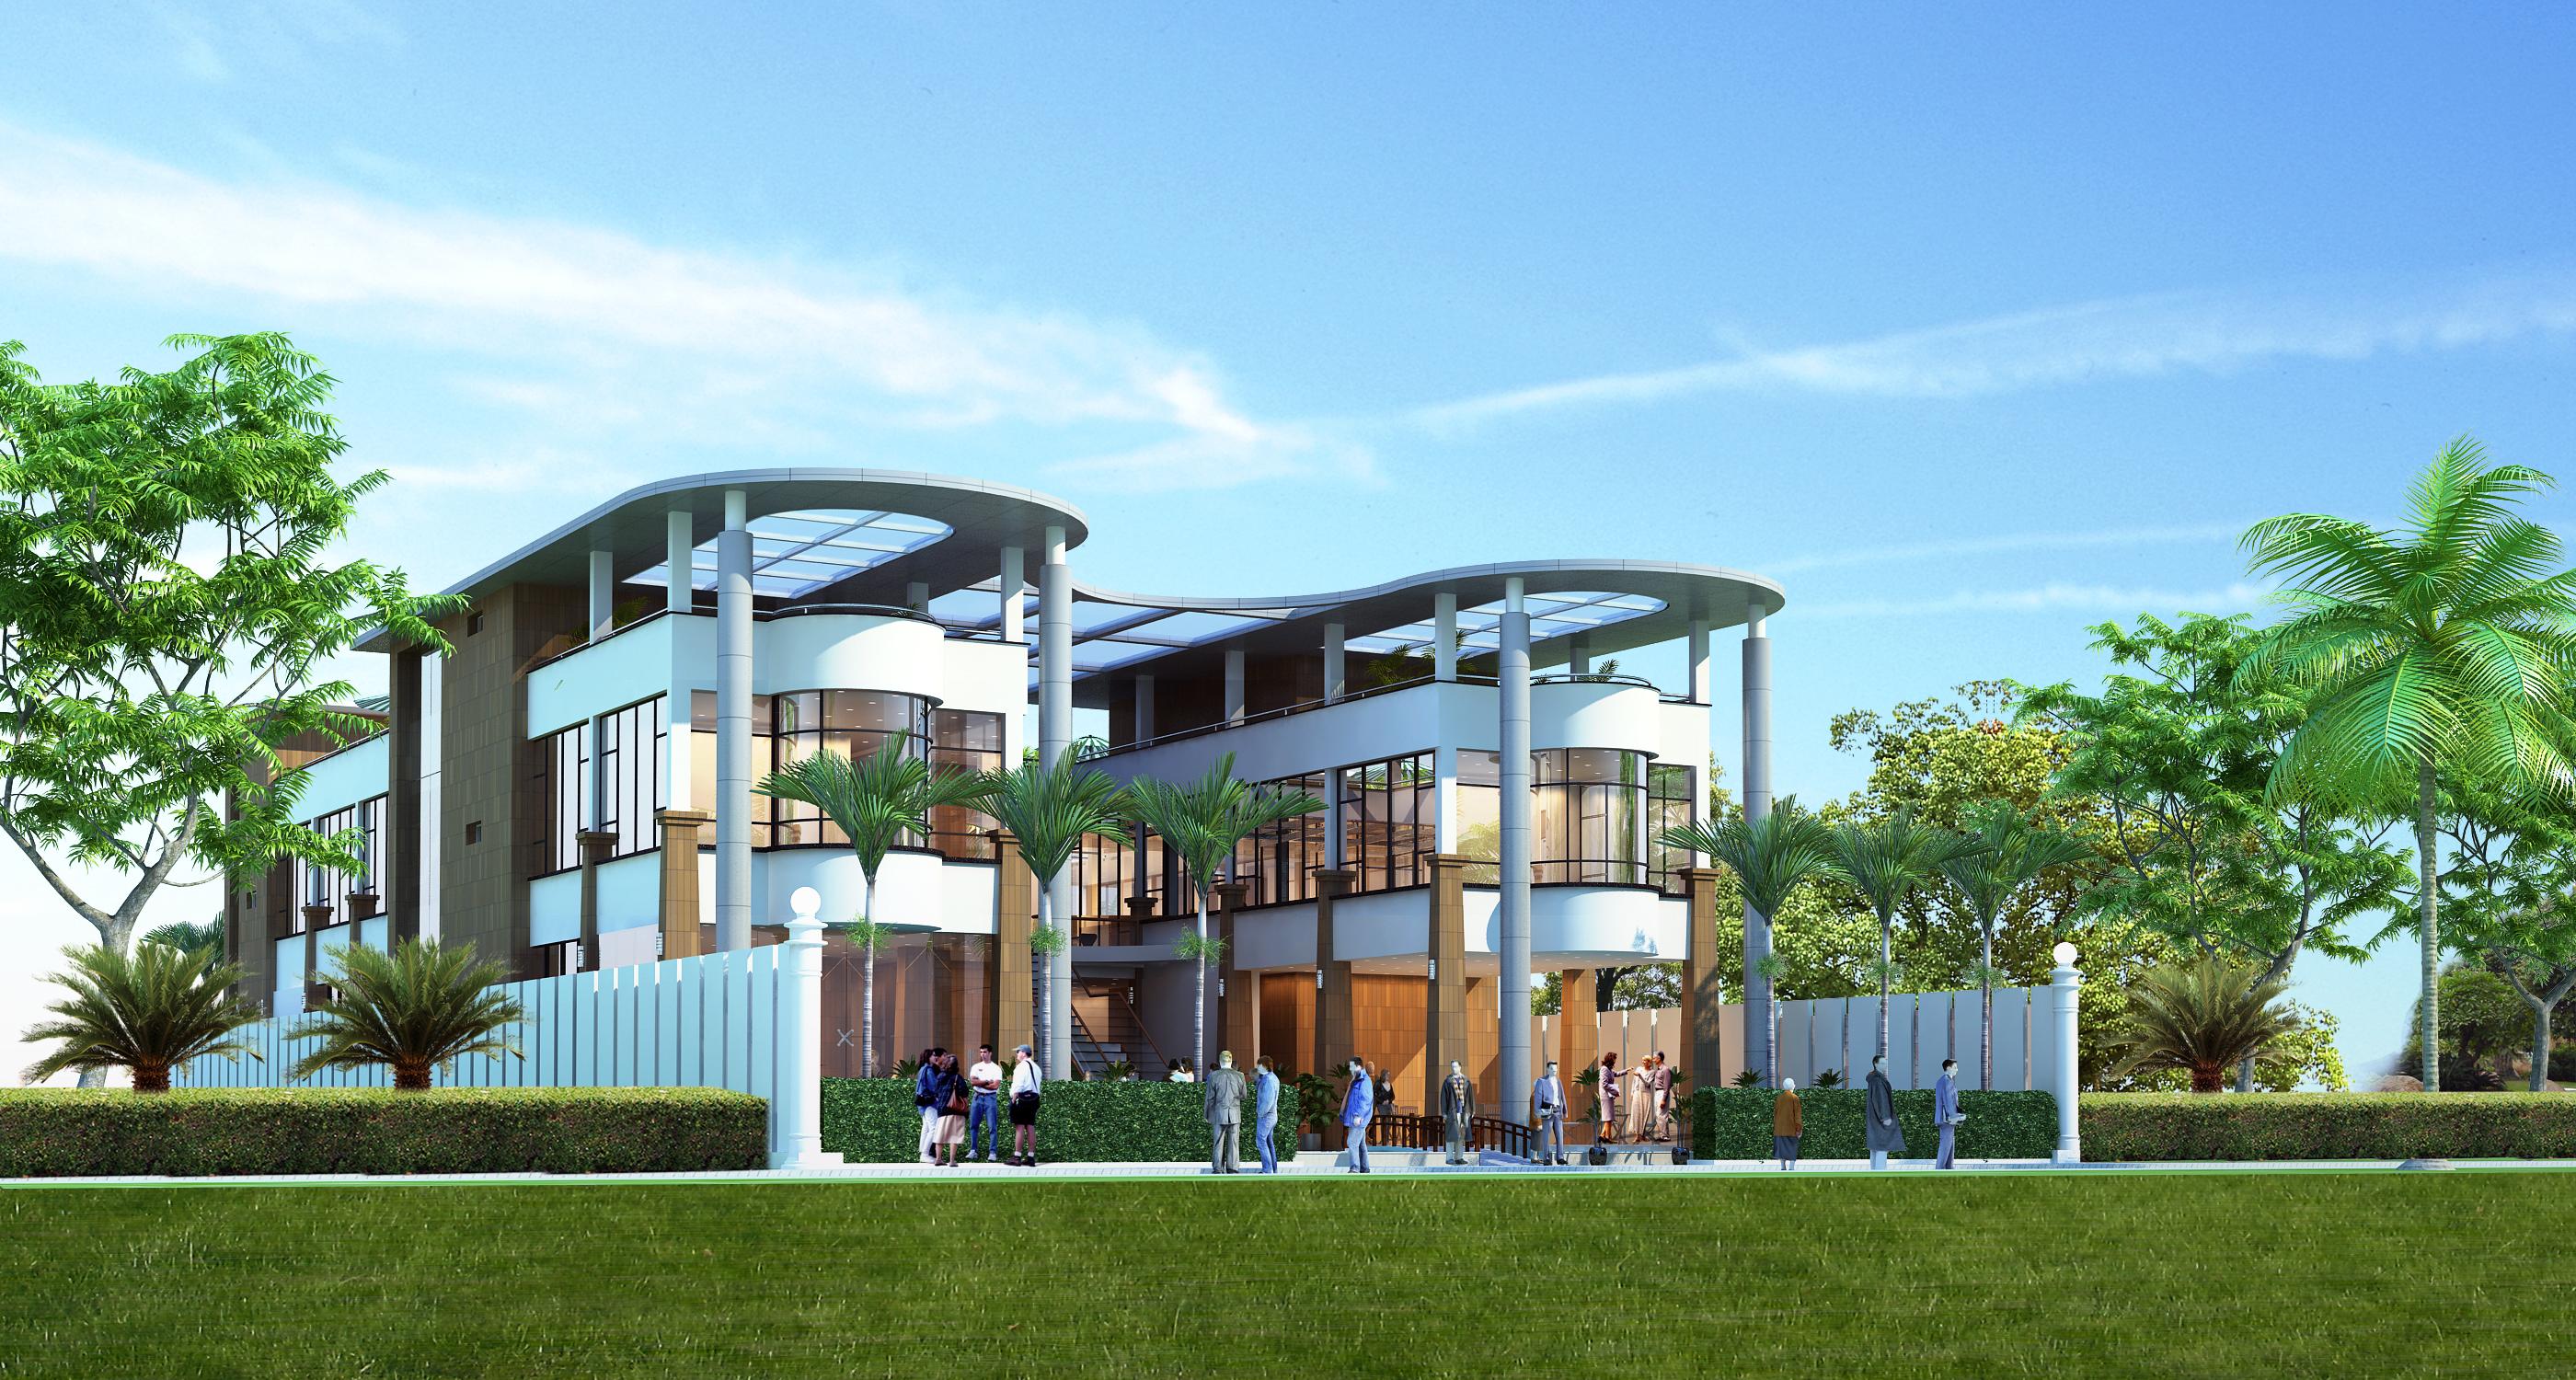 Restaurant building with interior 3d model 3d model max - 3d max models free download exterior ...